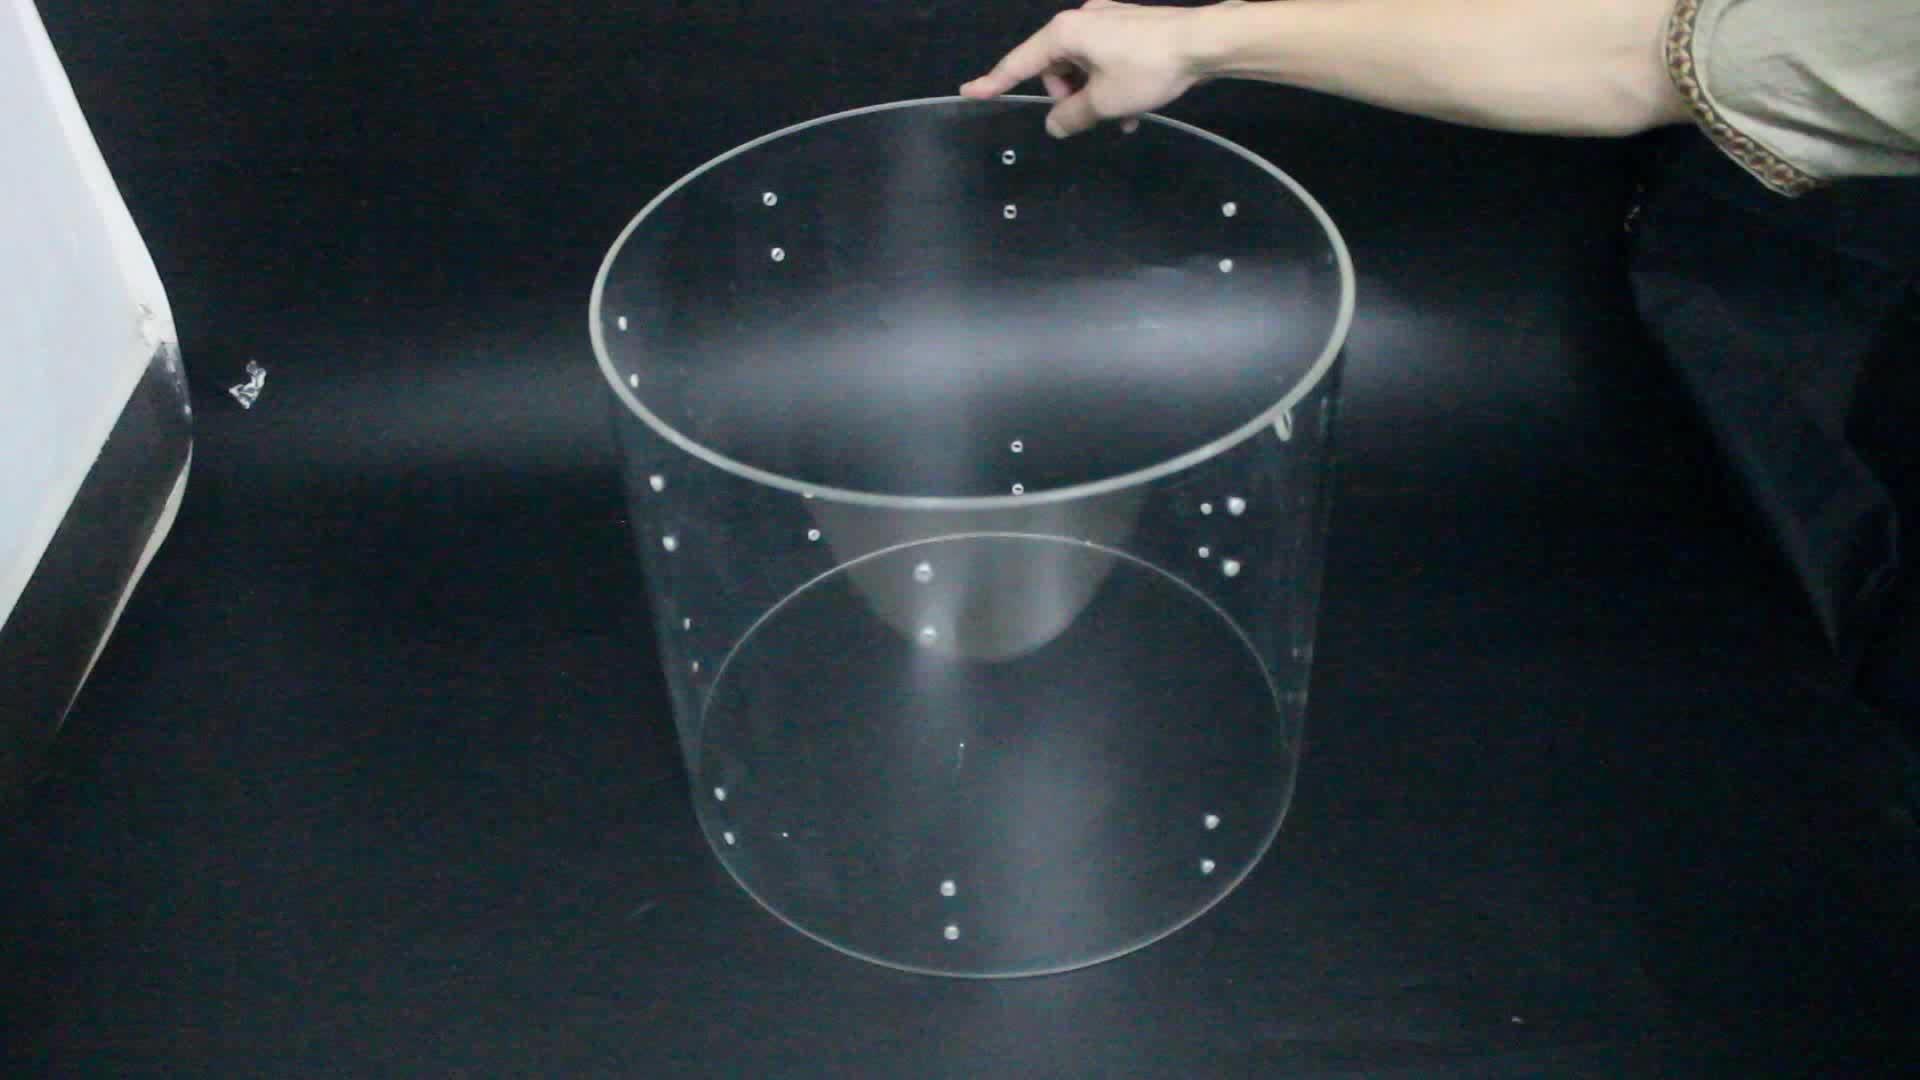 NAXILAI BigSize แกะสลักพลาสติก 600 มม. หลอดอะคริลิคอัดคริลิคหลอด 4 นิ้วเปลือกขาย